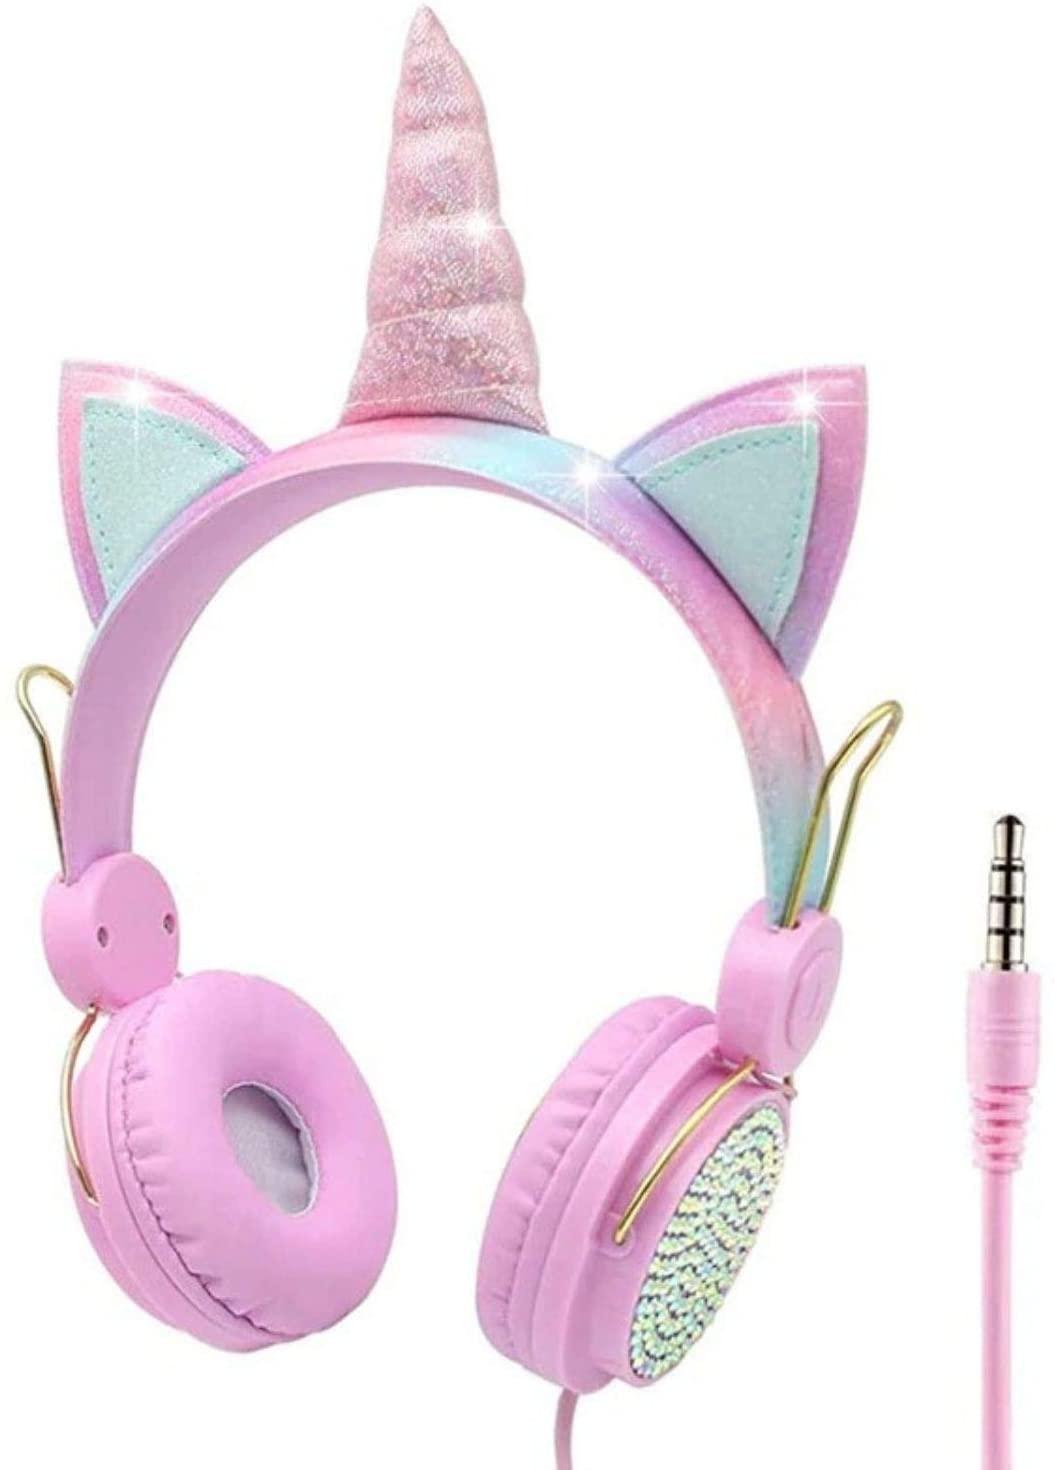 Honey Molly Audífonos De Unicornio para Niñas - con Cable Entrada 3.5 mm con Micrófono